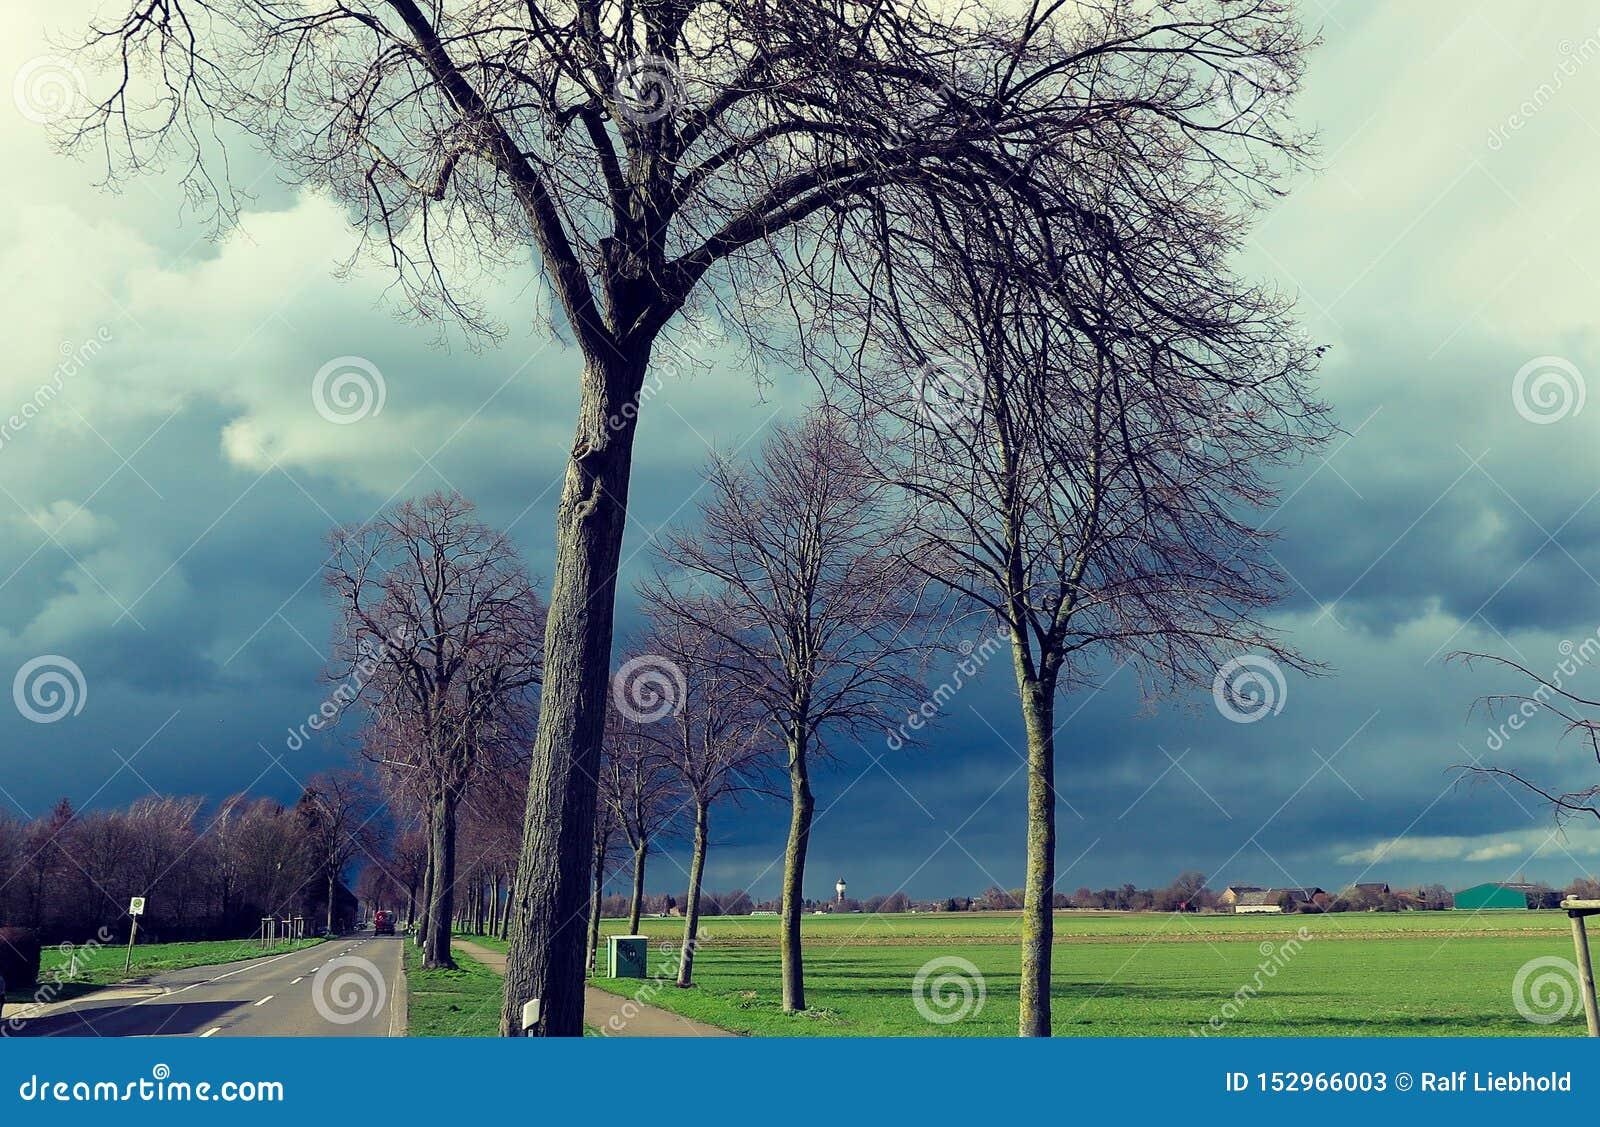 VIERSEN, ALEMANHA - céu escuro com a saraiva que carrega nuvens sobre a estrada secundária e as árvores desencapadas que anunciam